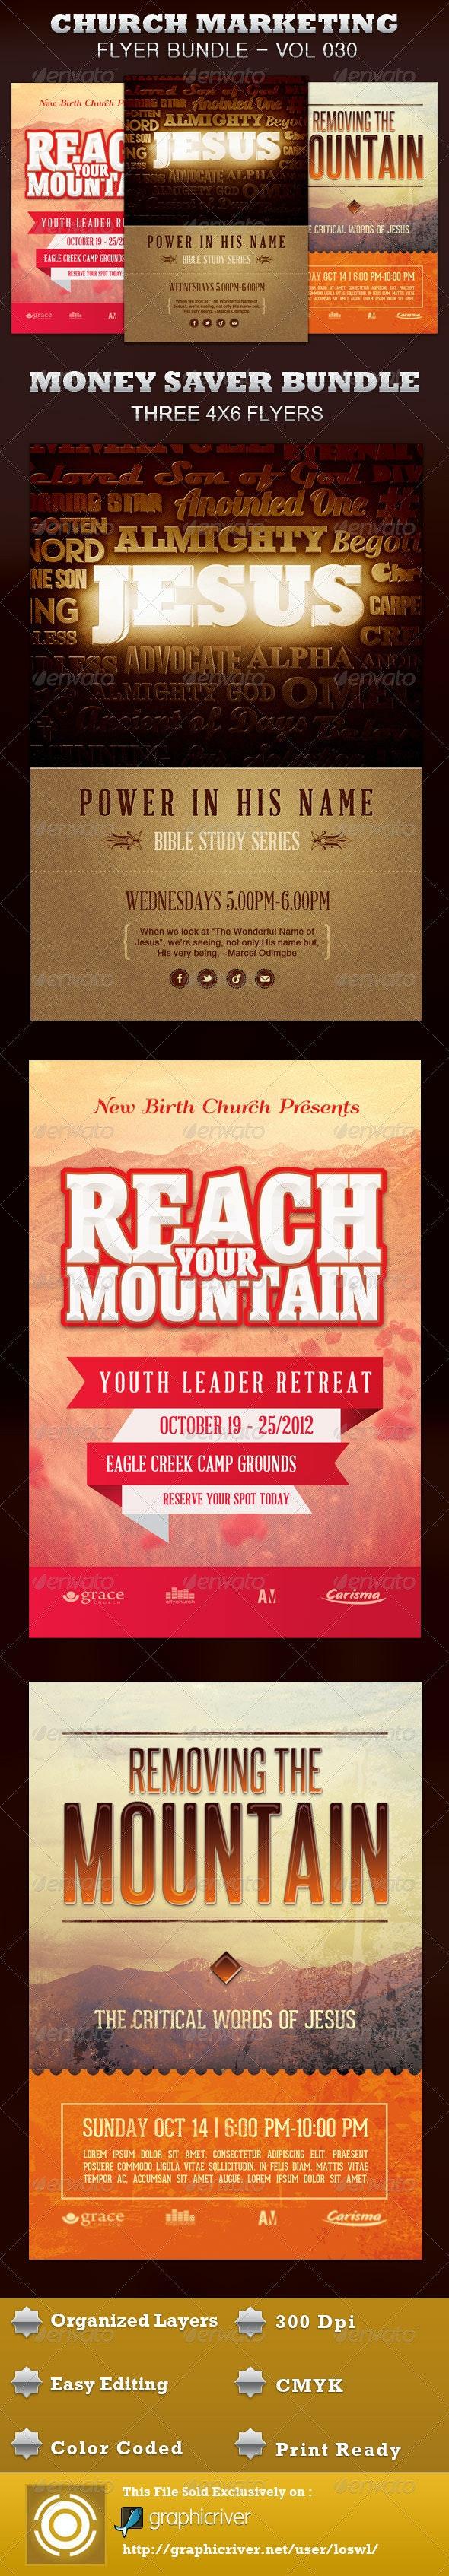 Church Marketing Flyer Bundle Vol 030 - Church Flyers